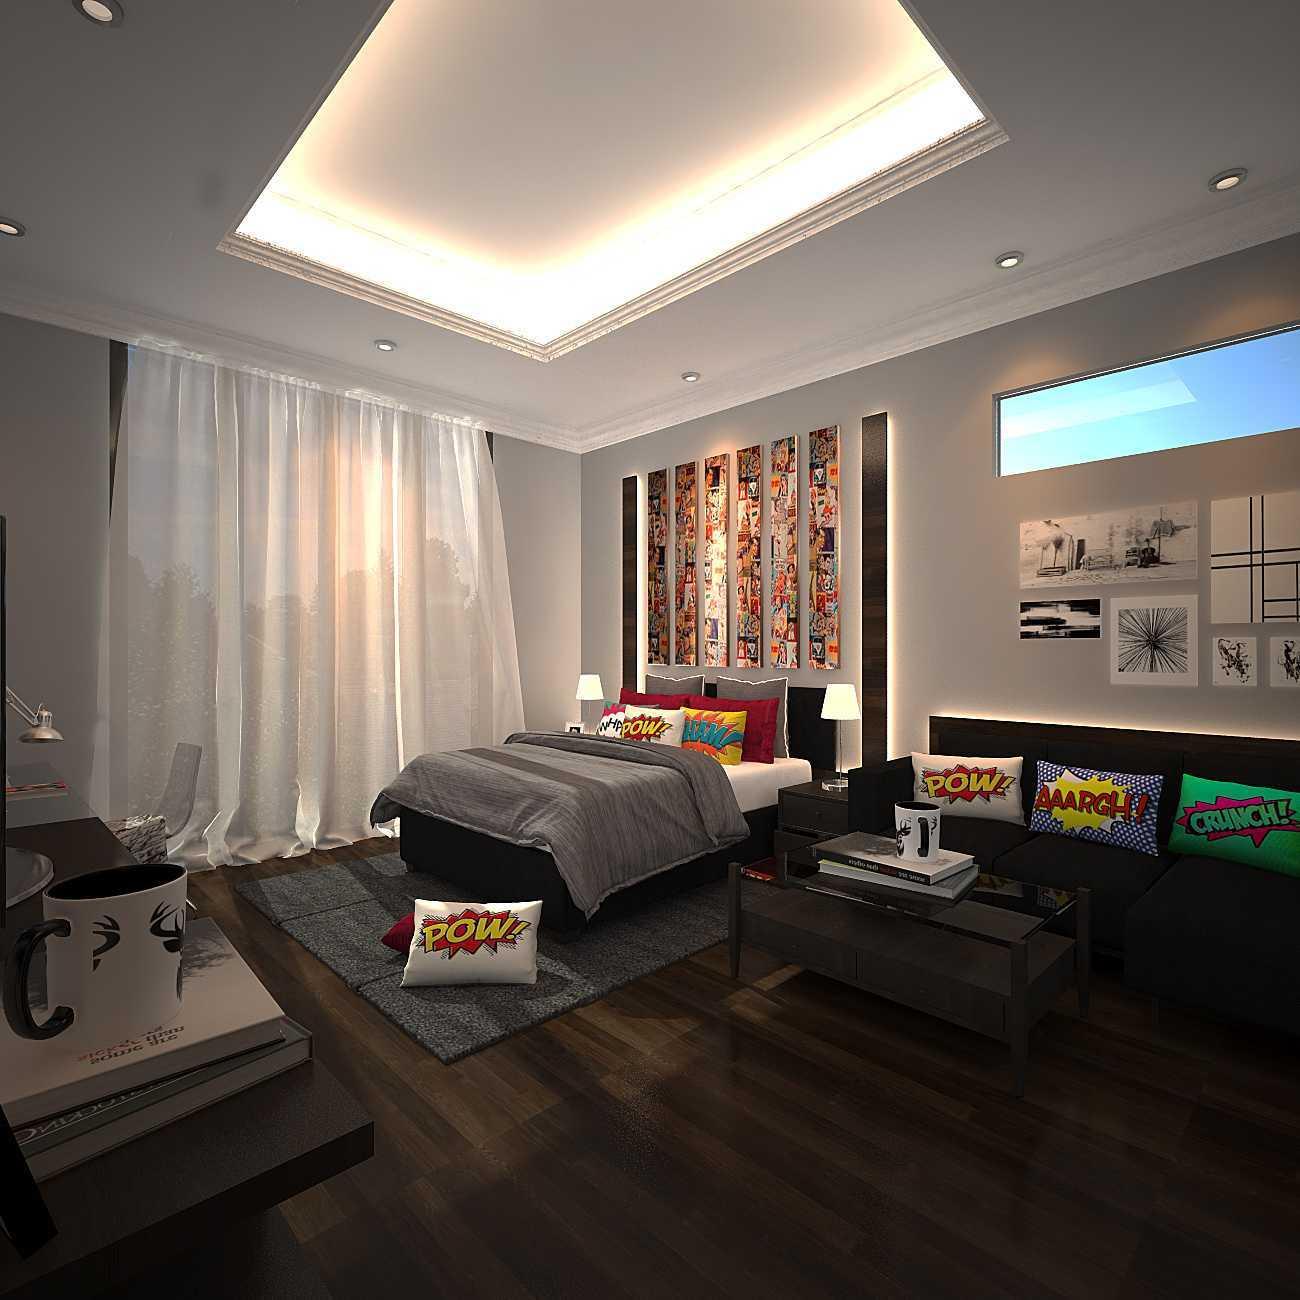 Kaye Interior Design Kemang Pratama House Bekasi, Tambelang, Bekasi, Jawa Barat, Indonesia Bekasi, Tambelang, Bekasi, Jawa Barat, Indonesia Kids Bedroom Contemporary 48913